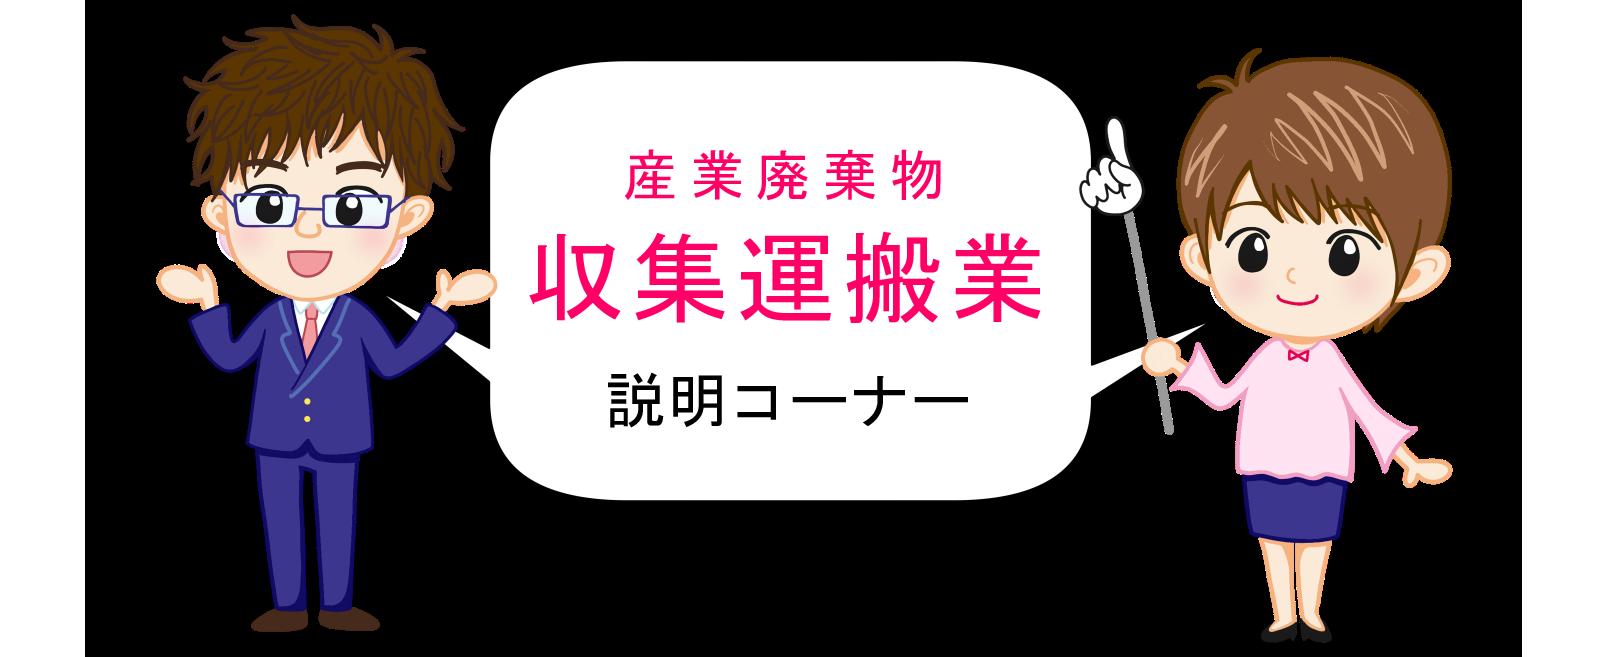 収運タイトル (2) (2)